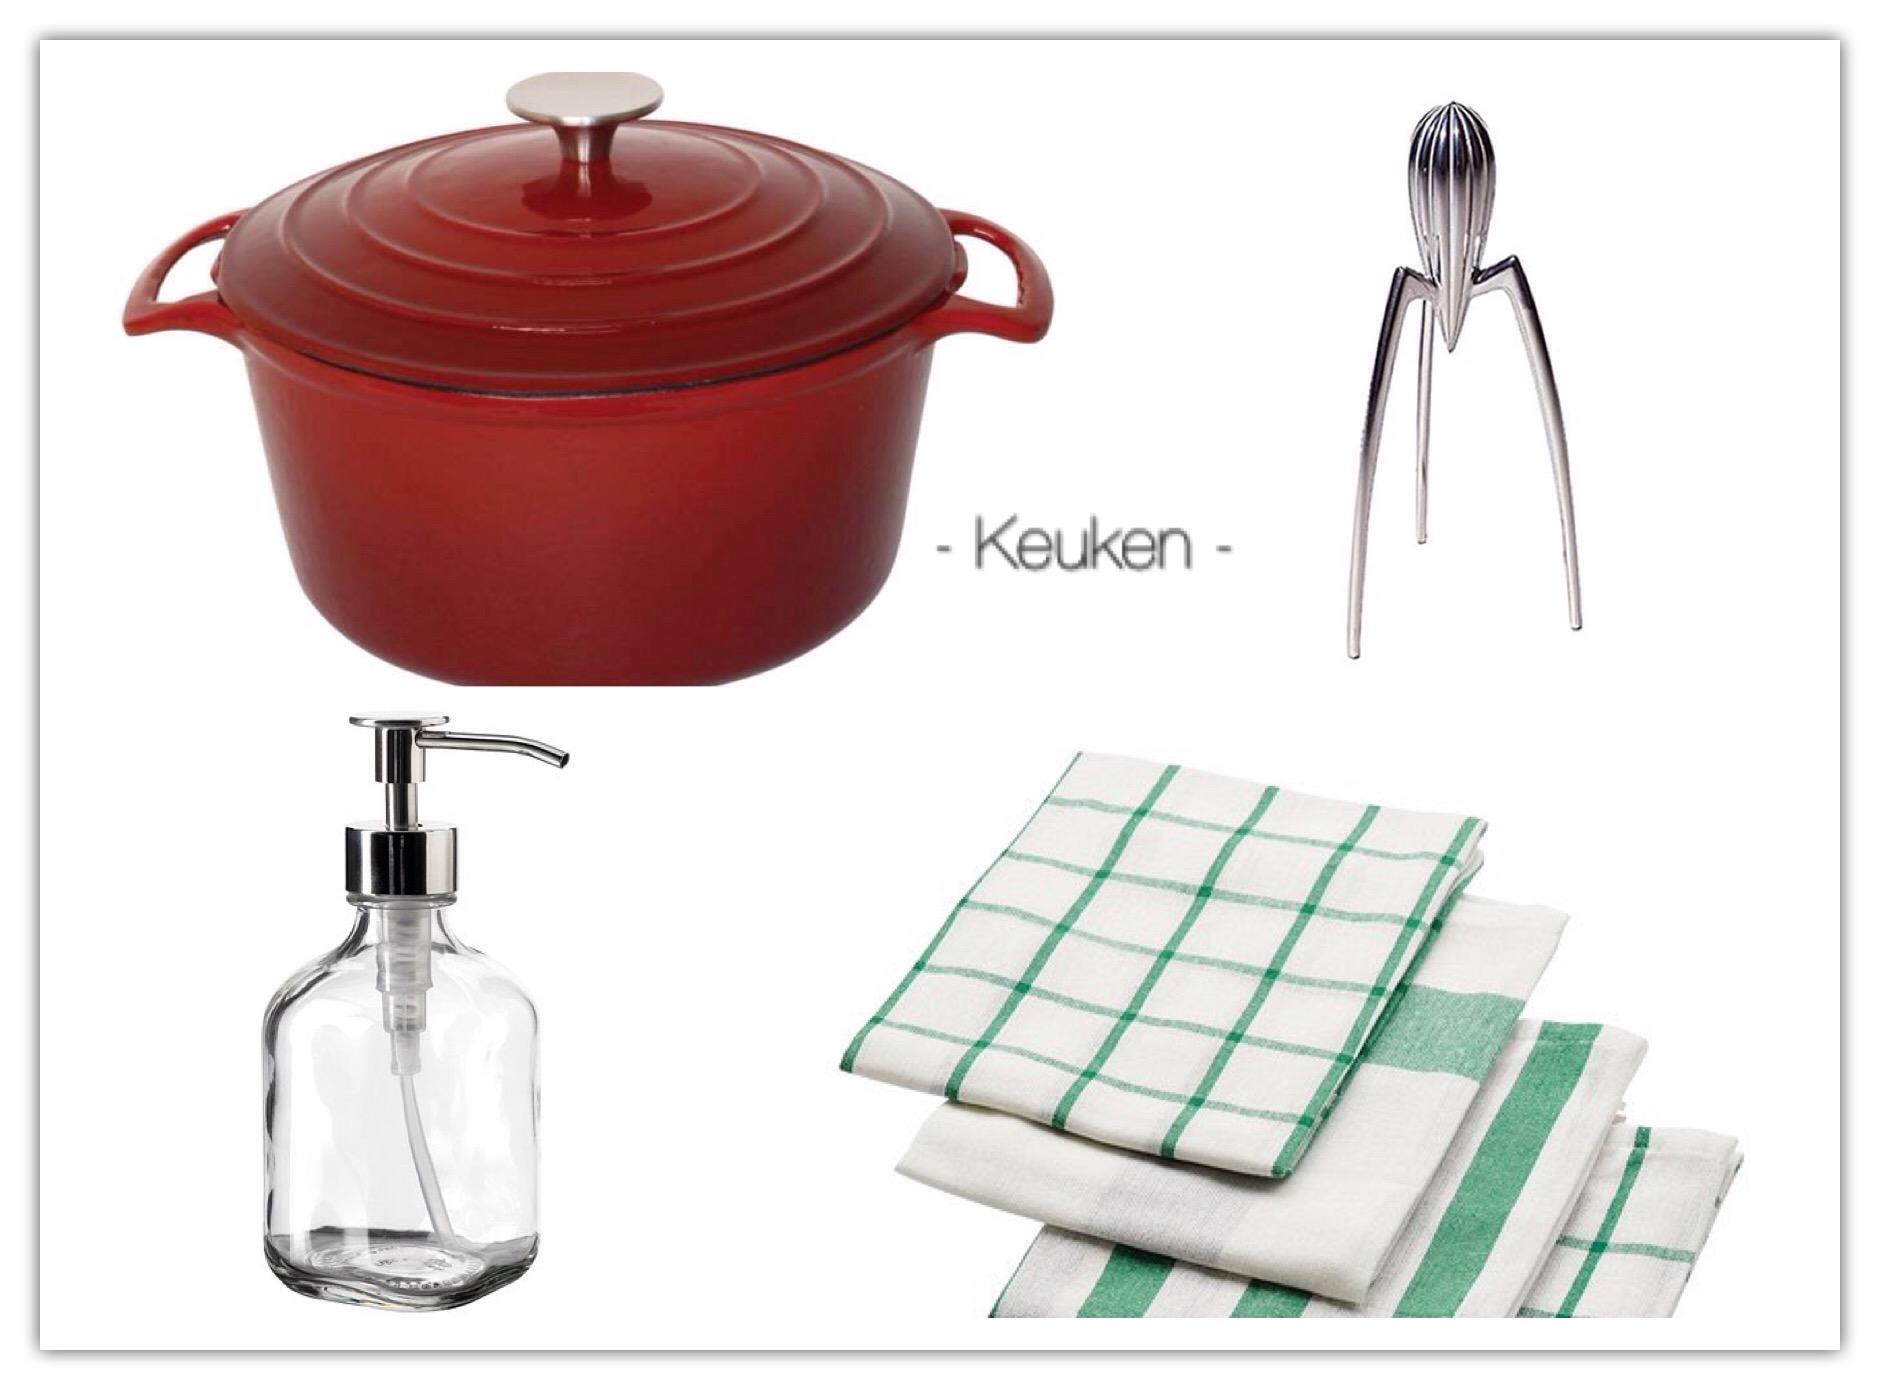 modern keuken homestaging EmNi